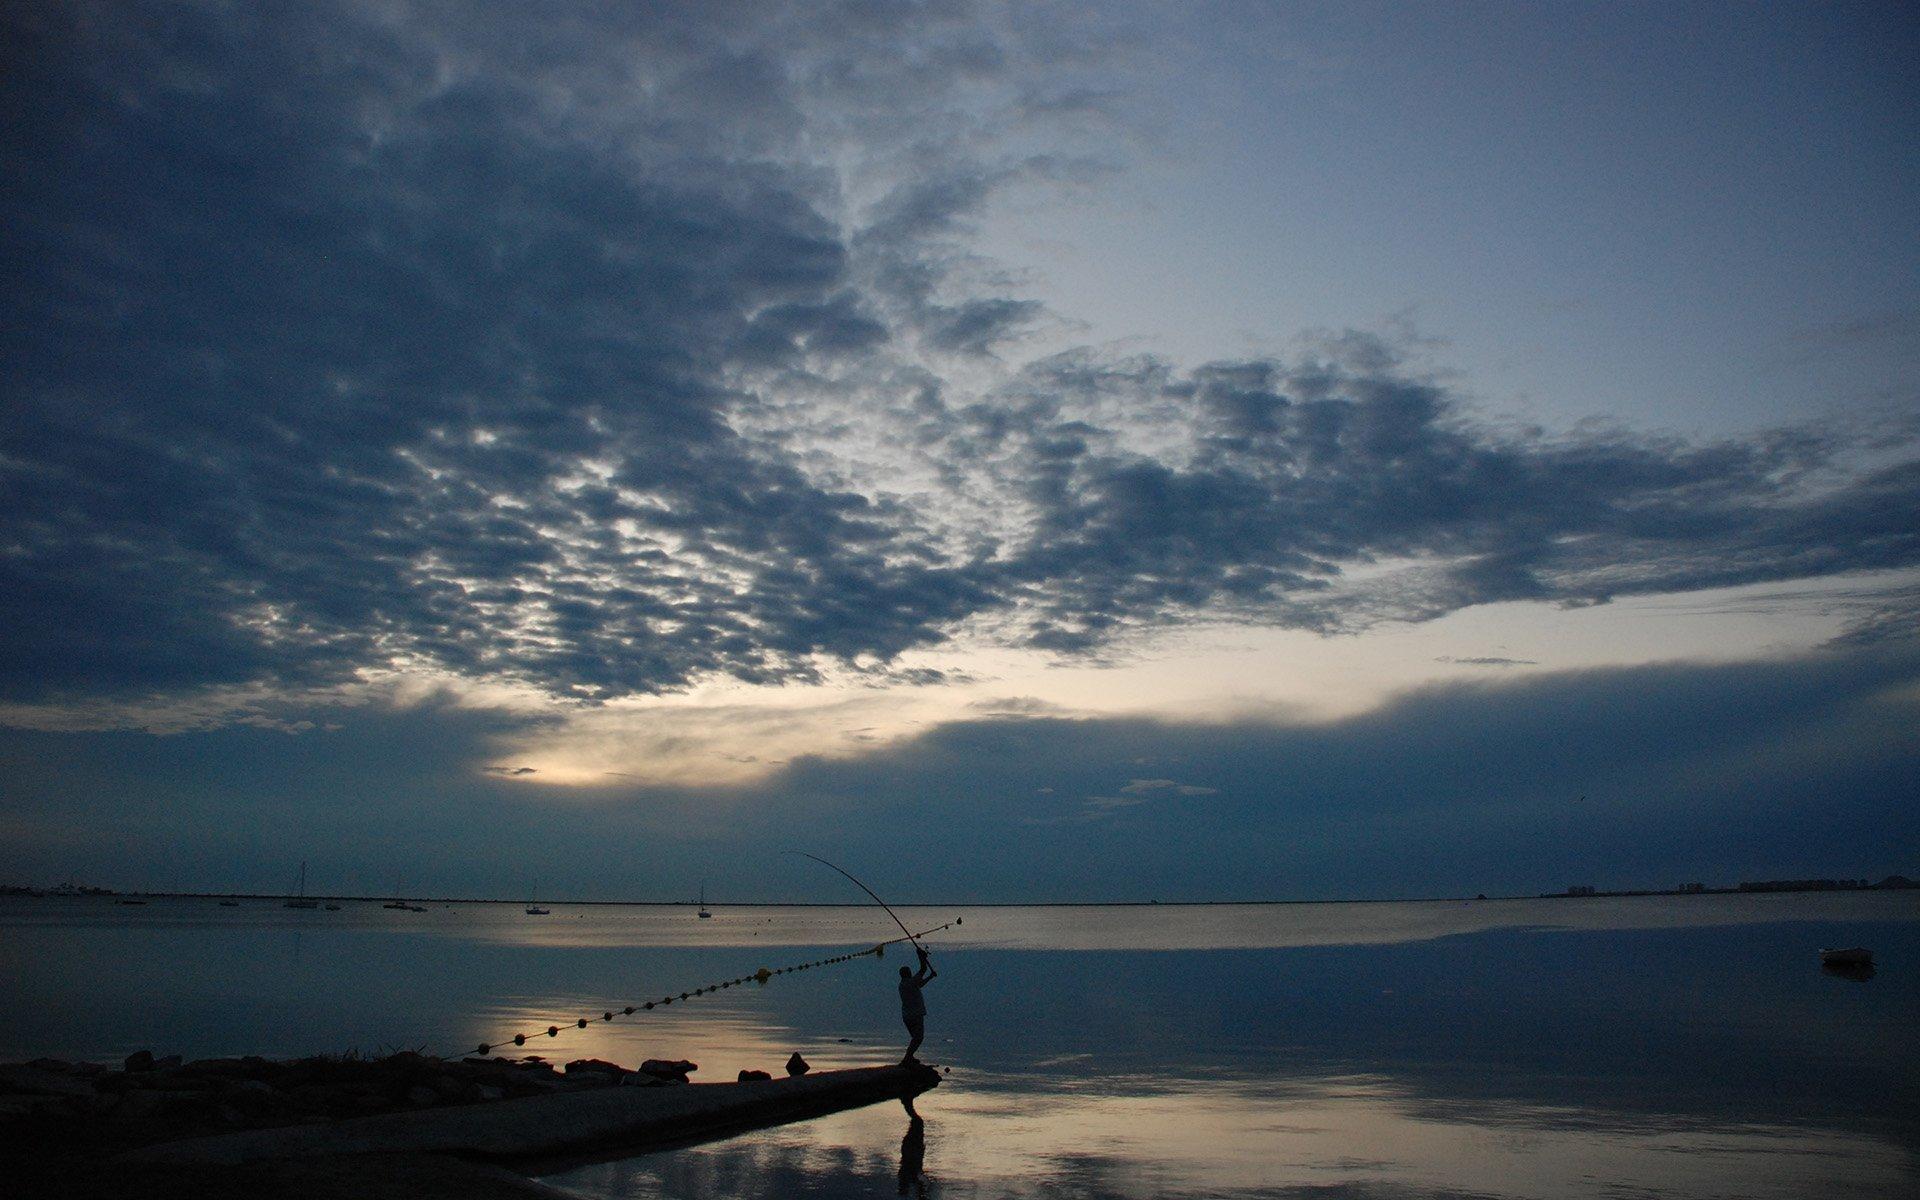 ispanya gün batımı ve balıkçı